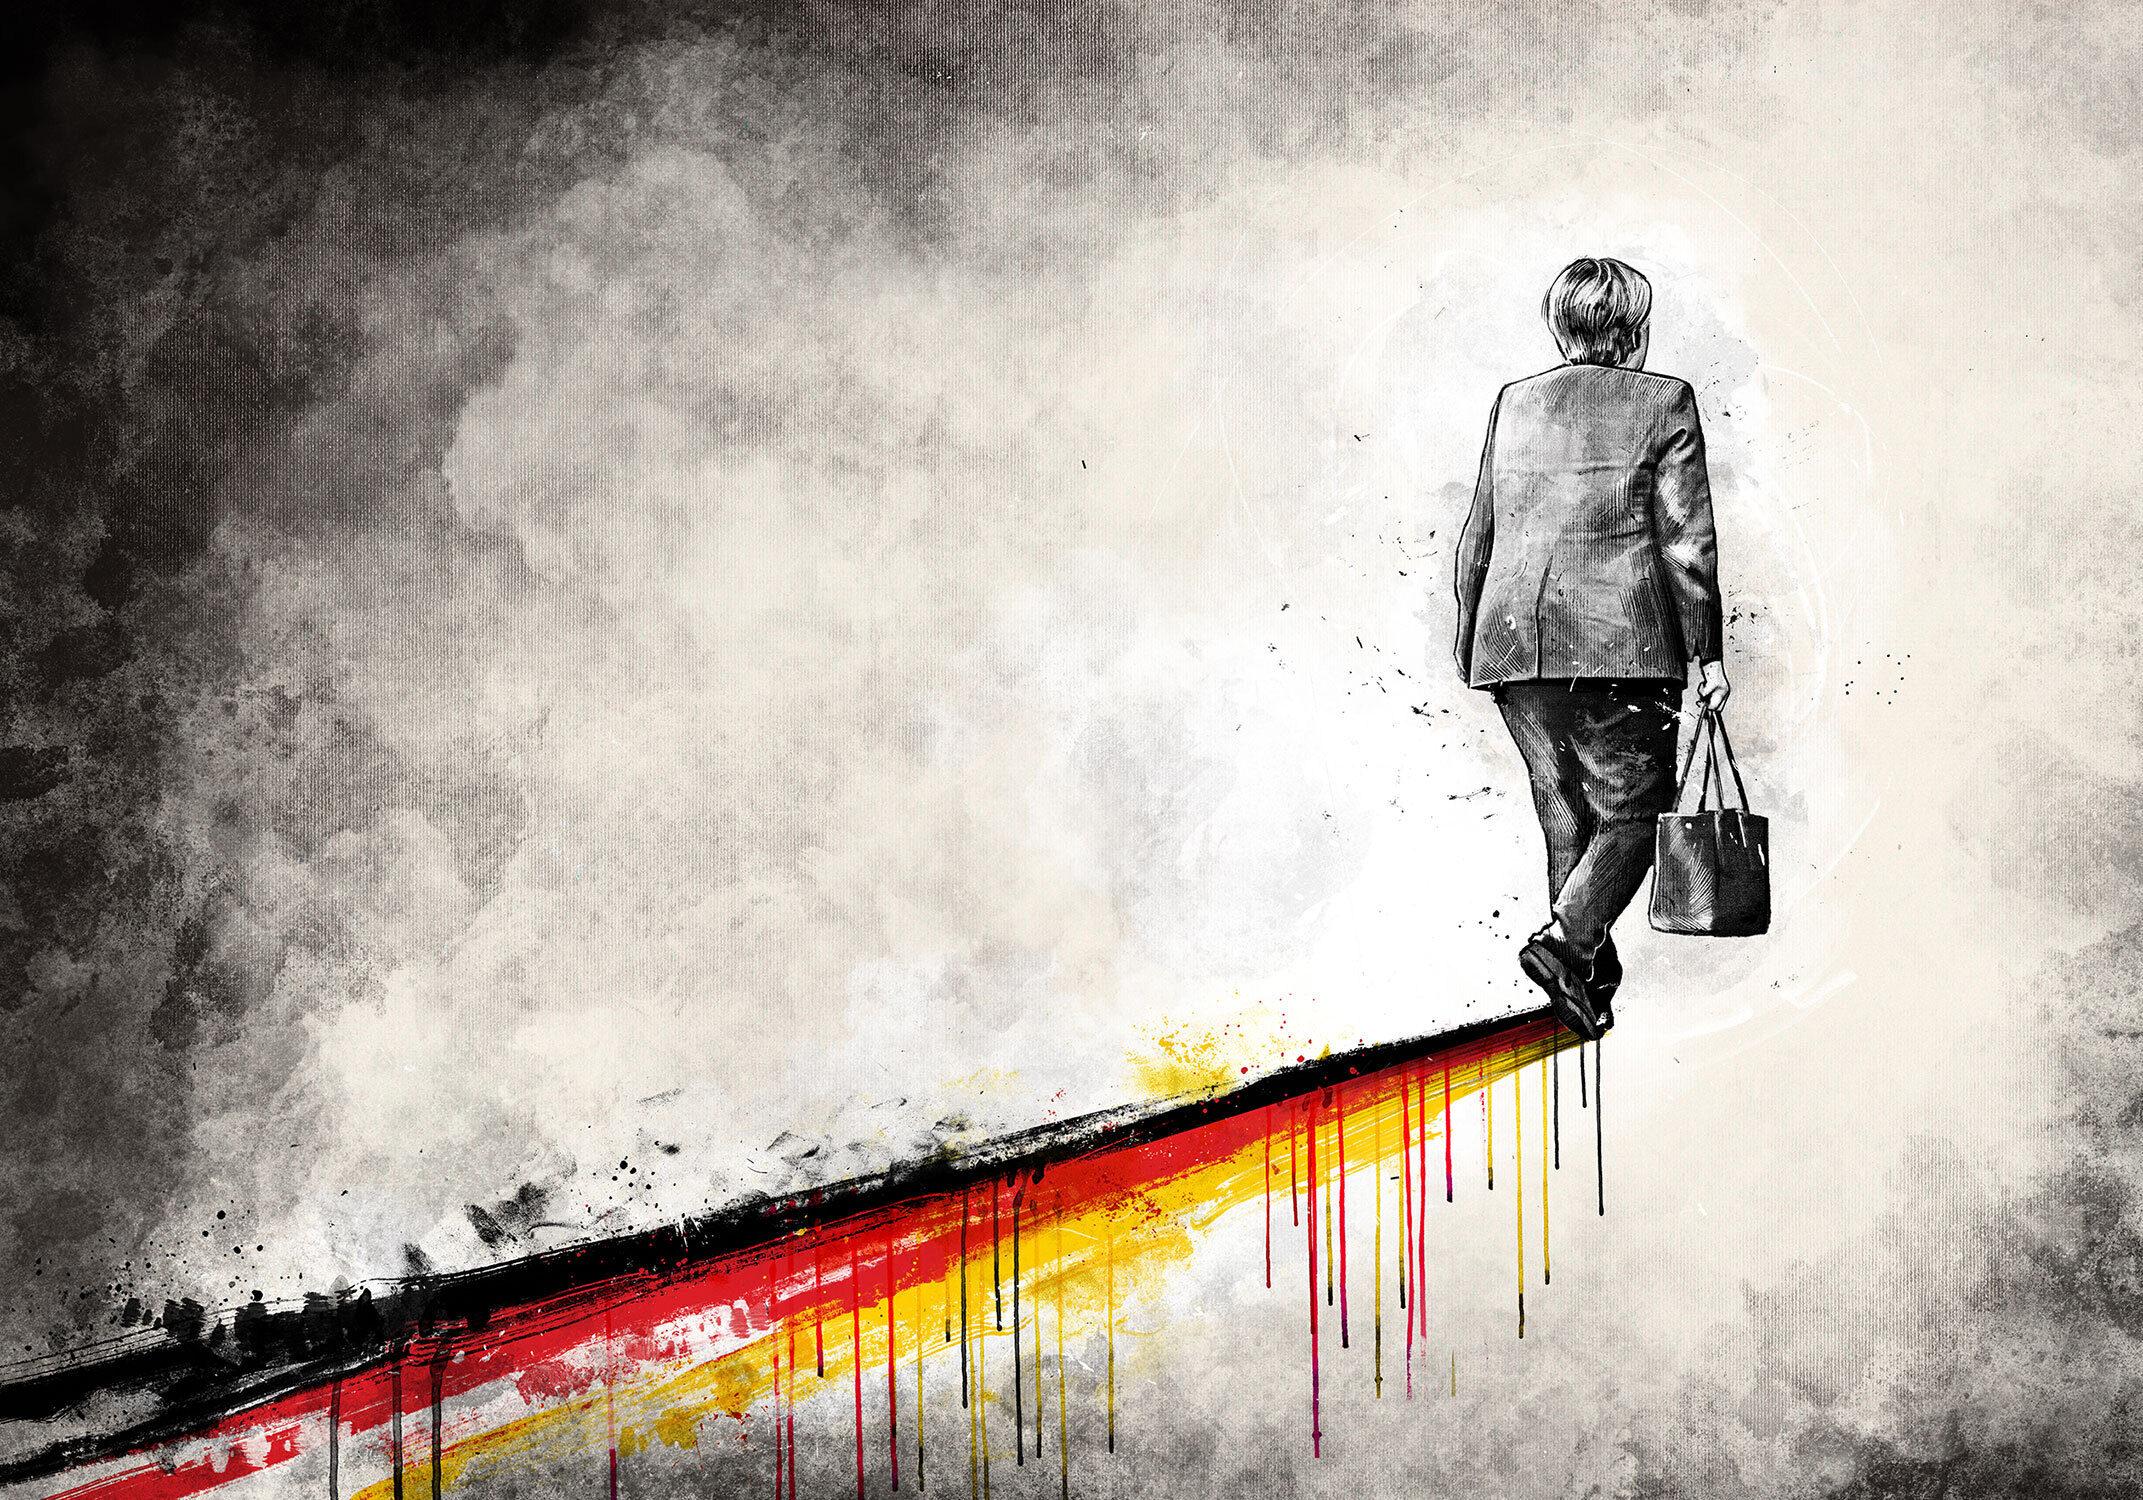 Illustration editorial angela merkel union bundeskanzlerin abgang amtszeit regierung amtsperiode adieu deutschland spur schatten - Kornel Illustration | Kornel Stadler portfolio